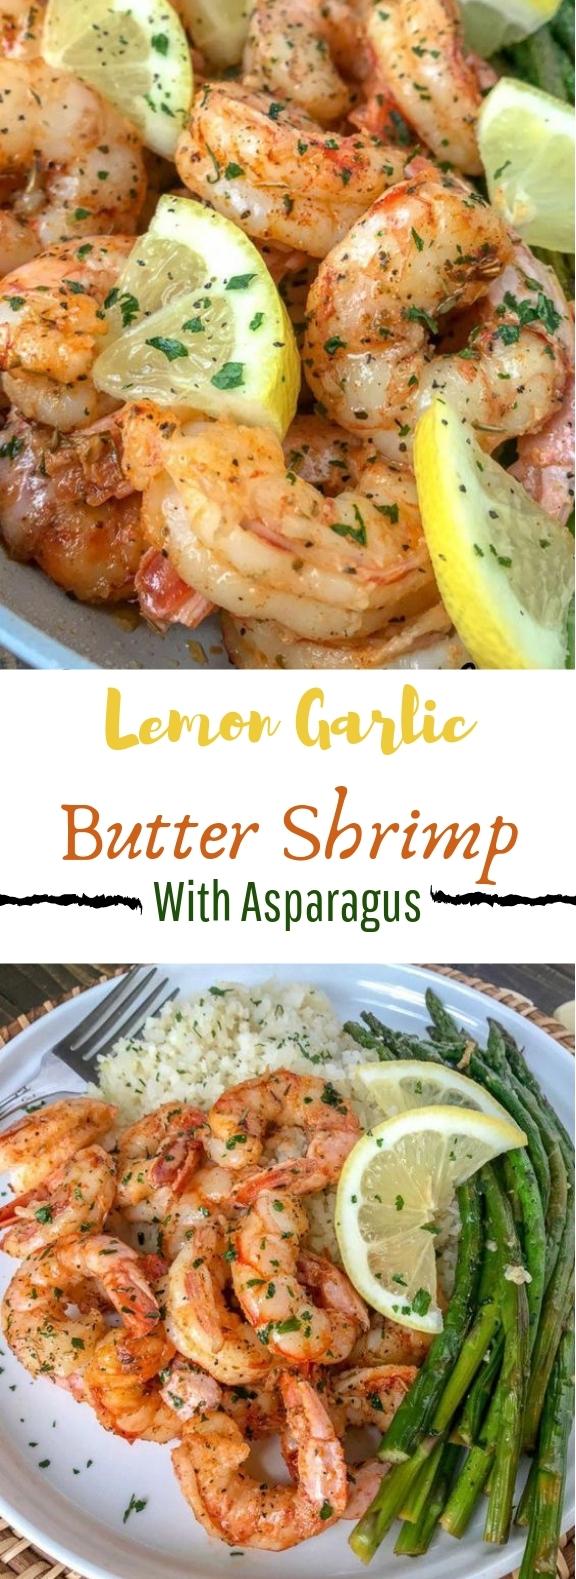 Lemon Garlic Butter Shrimp with Asparagus #easy #dinner